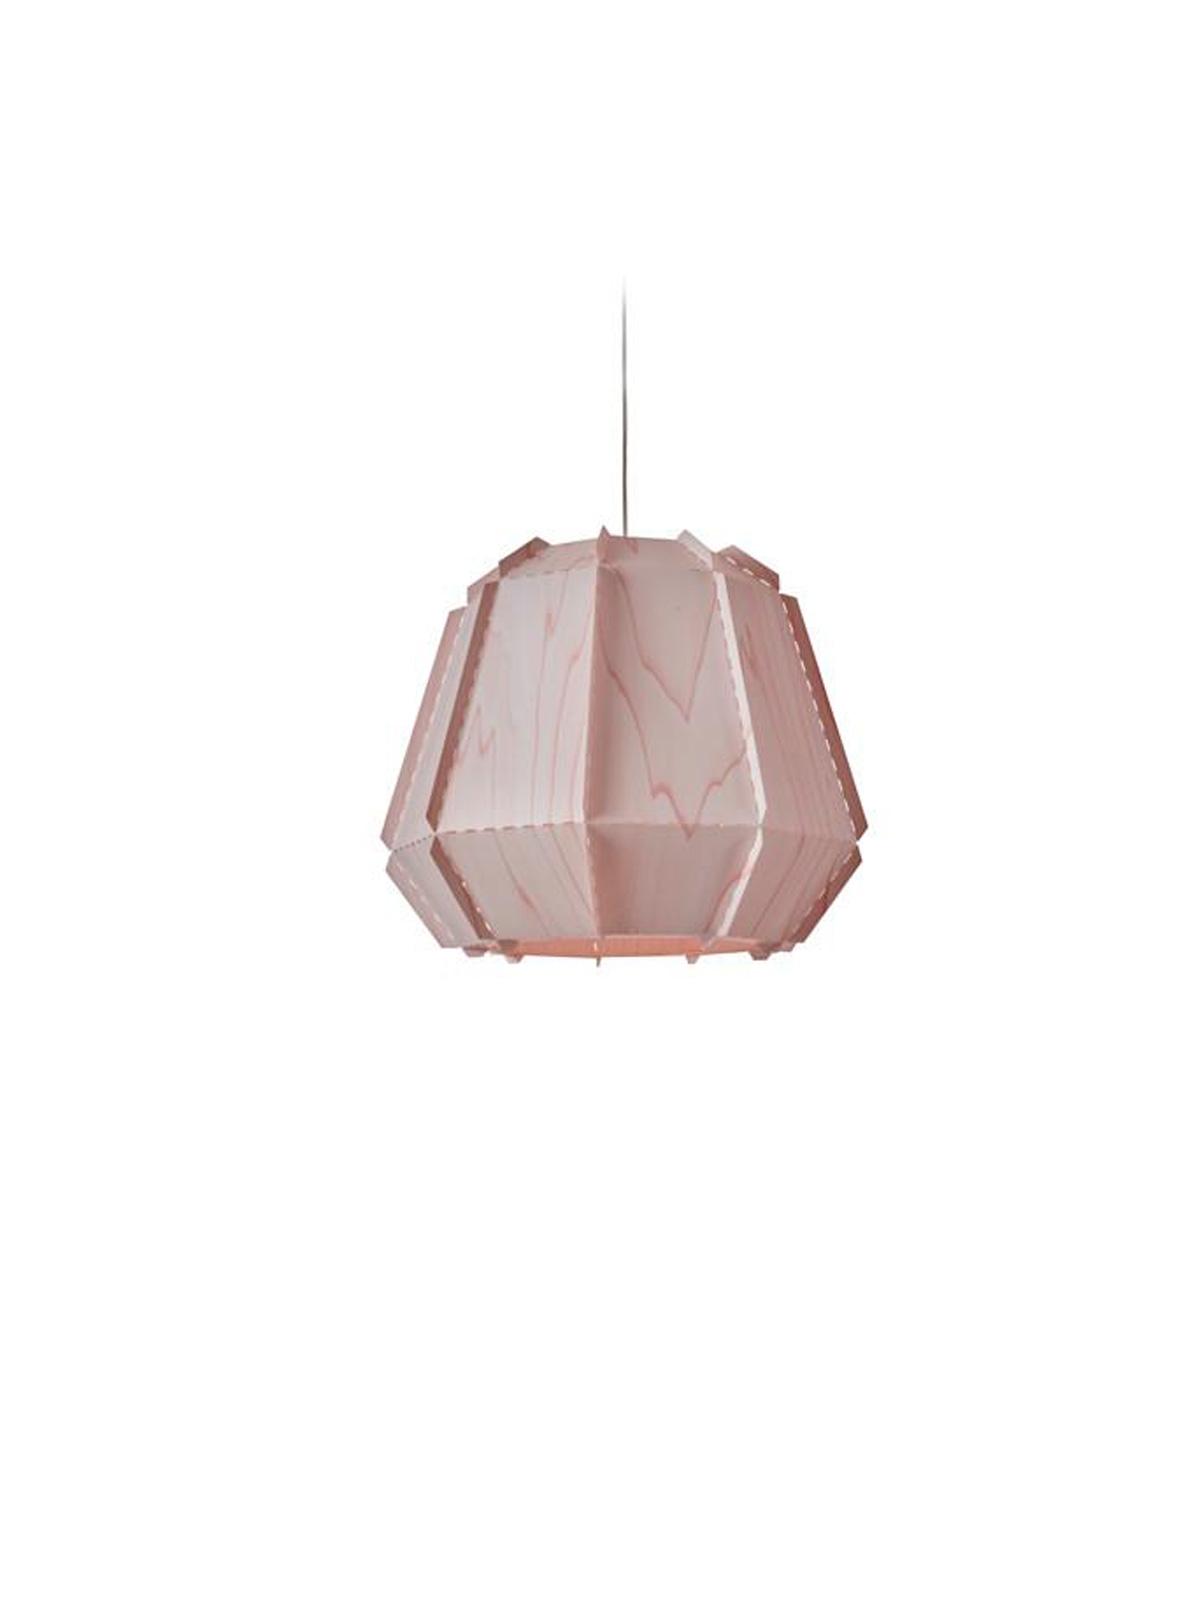 Designerleuchte Stitches Bamako pink bei DesignOrt Berlin